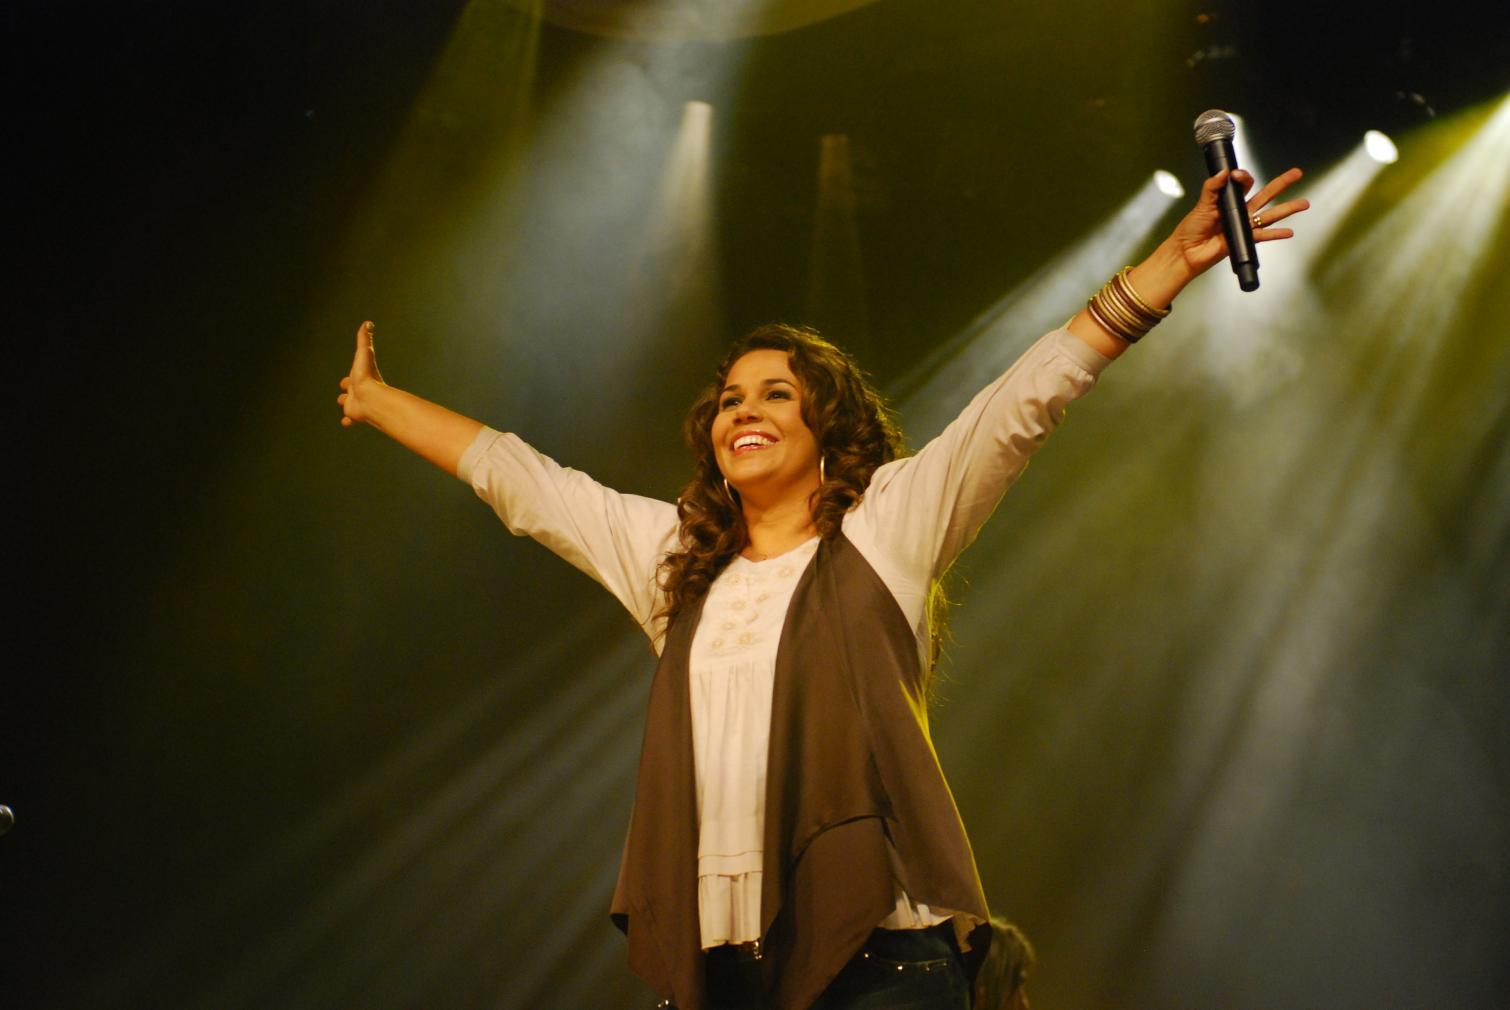 Cantora Eliana Ribeiro vai se apresentar em Cordeirópolis neste sábado